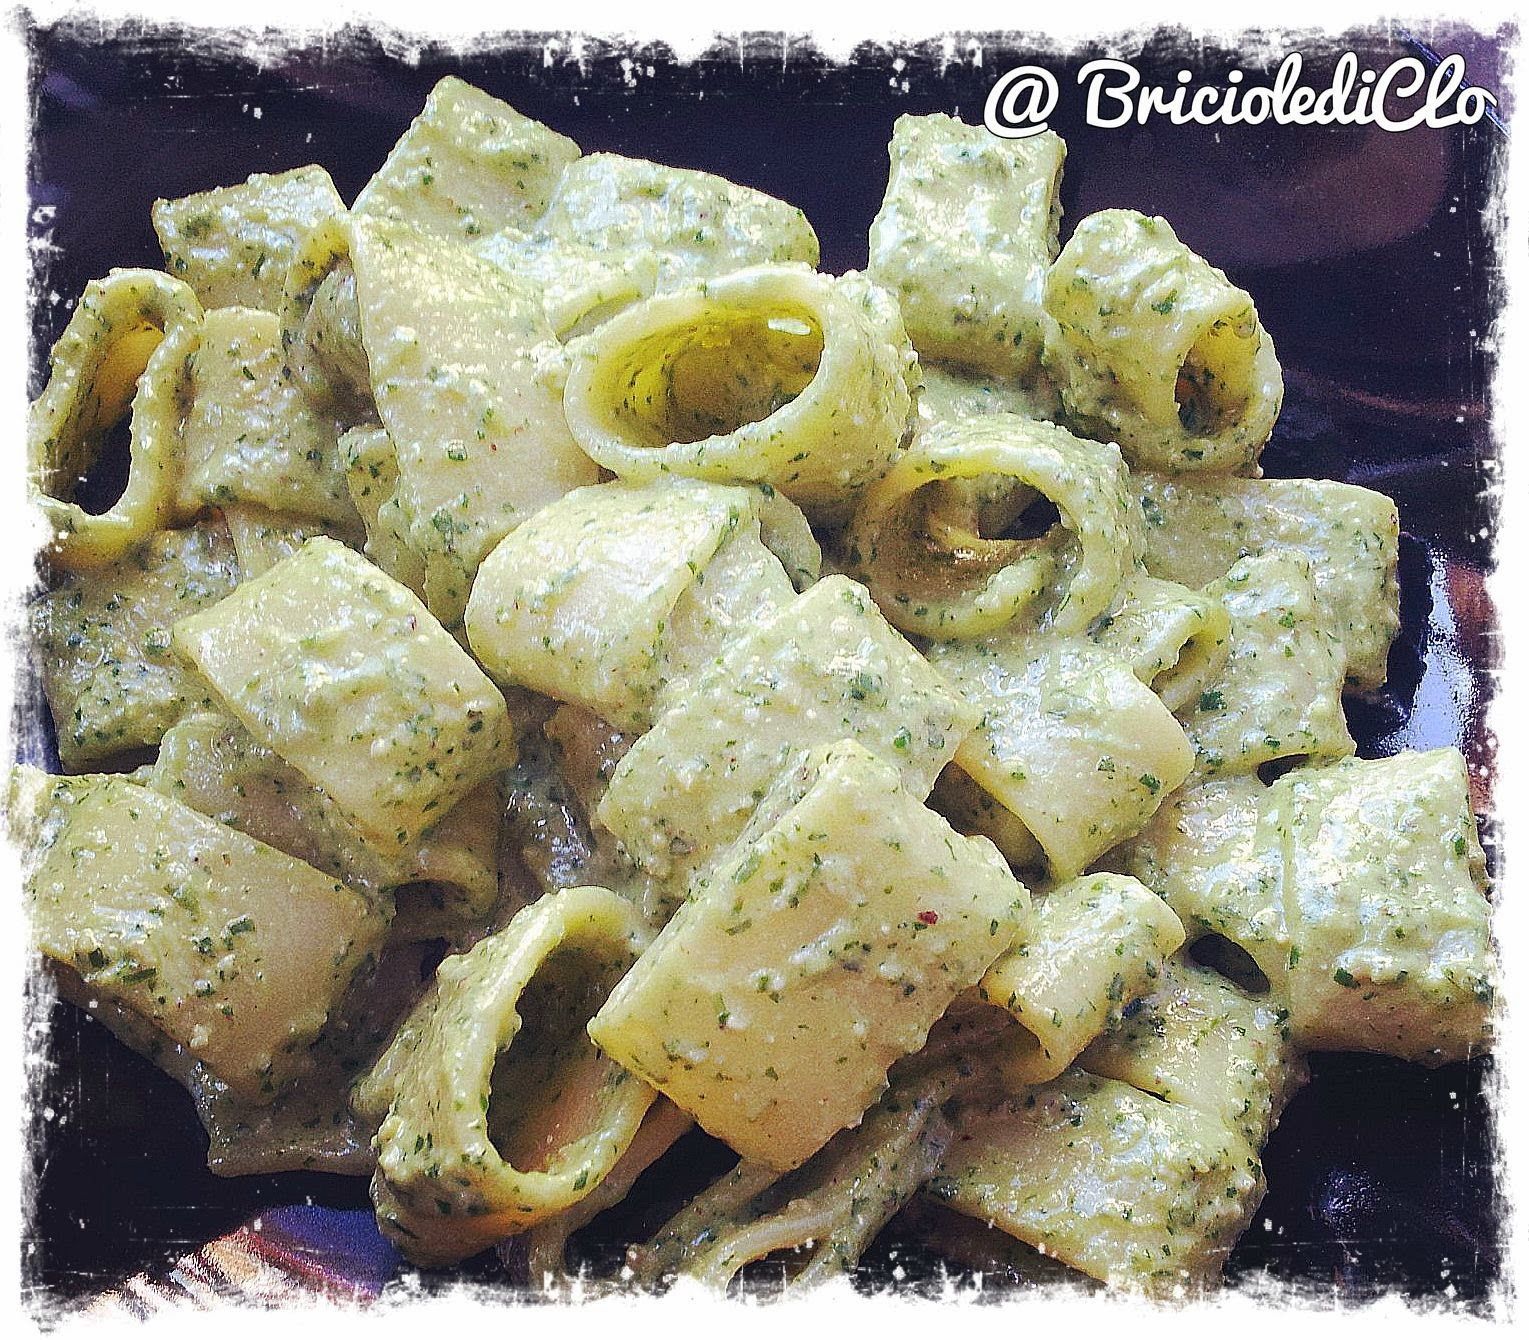 Briciole di Clo ... Funny & Veggielicious!: Calamarata al pesto di rucola e semi di girasole